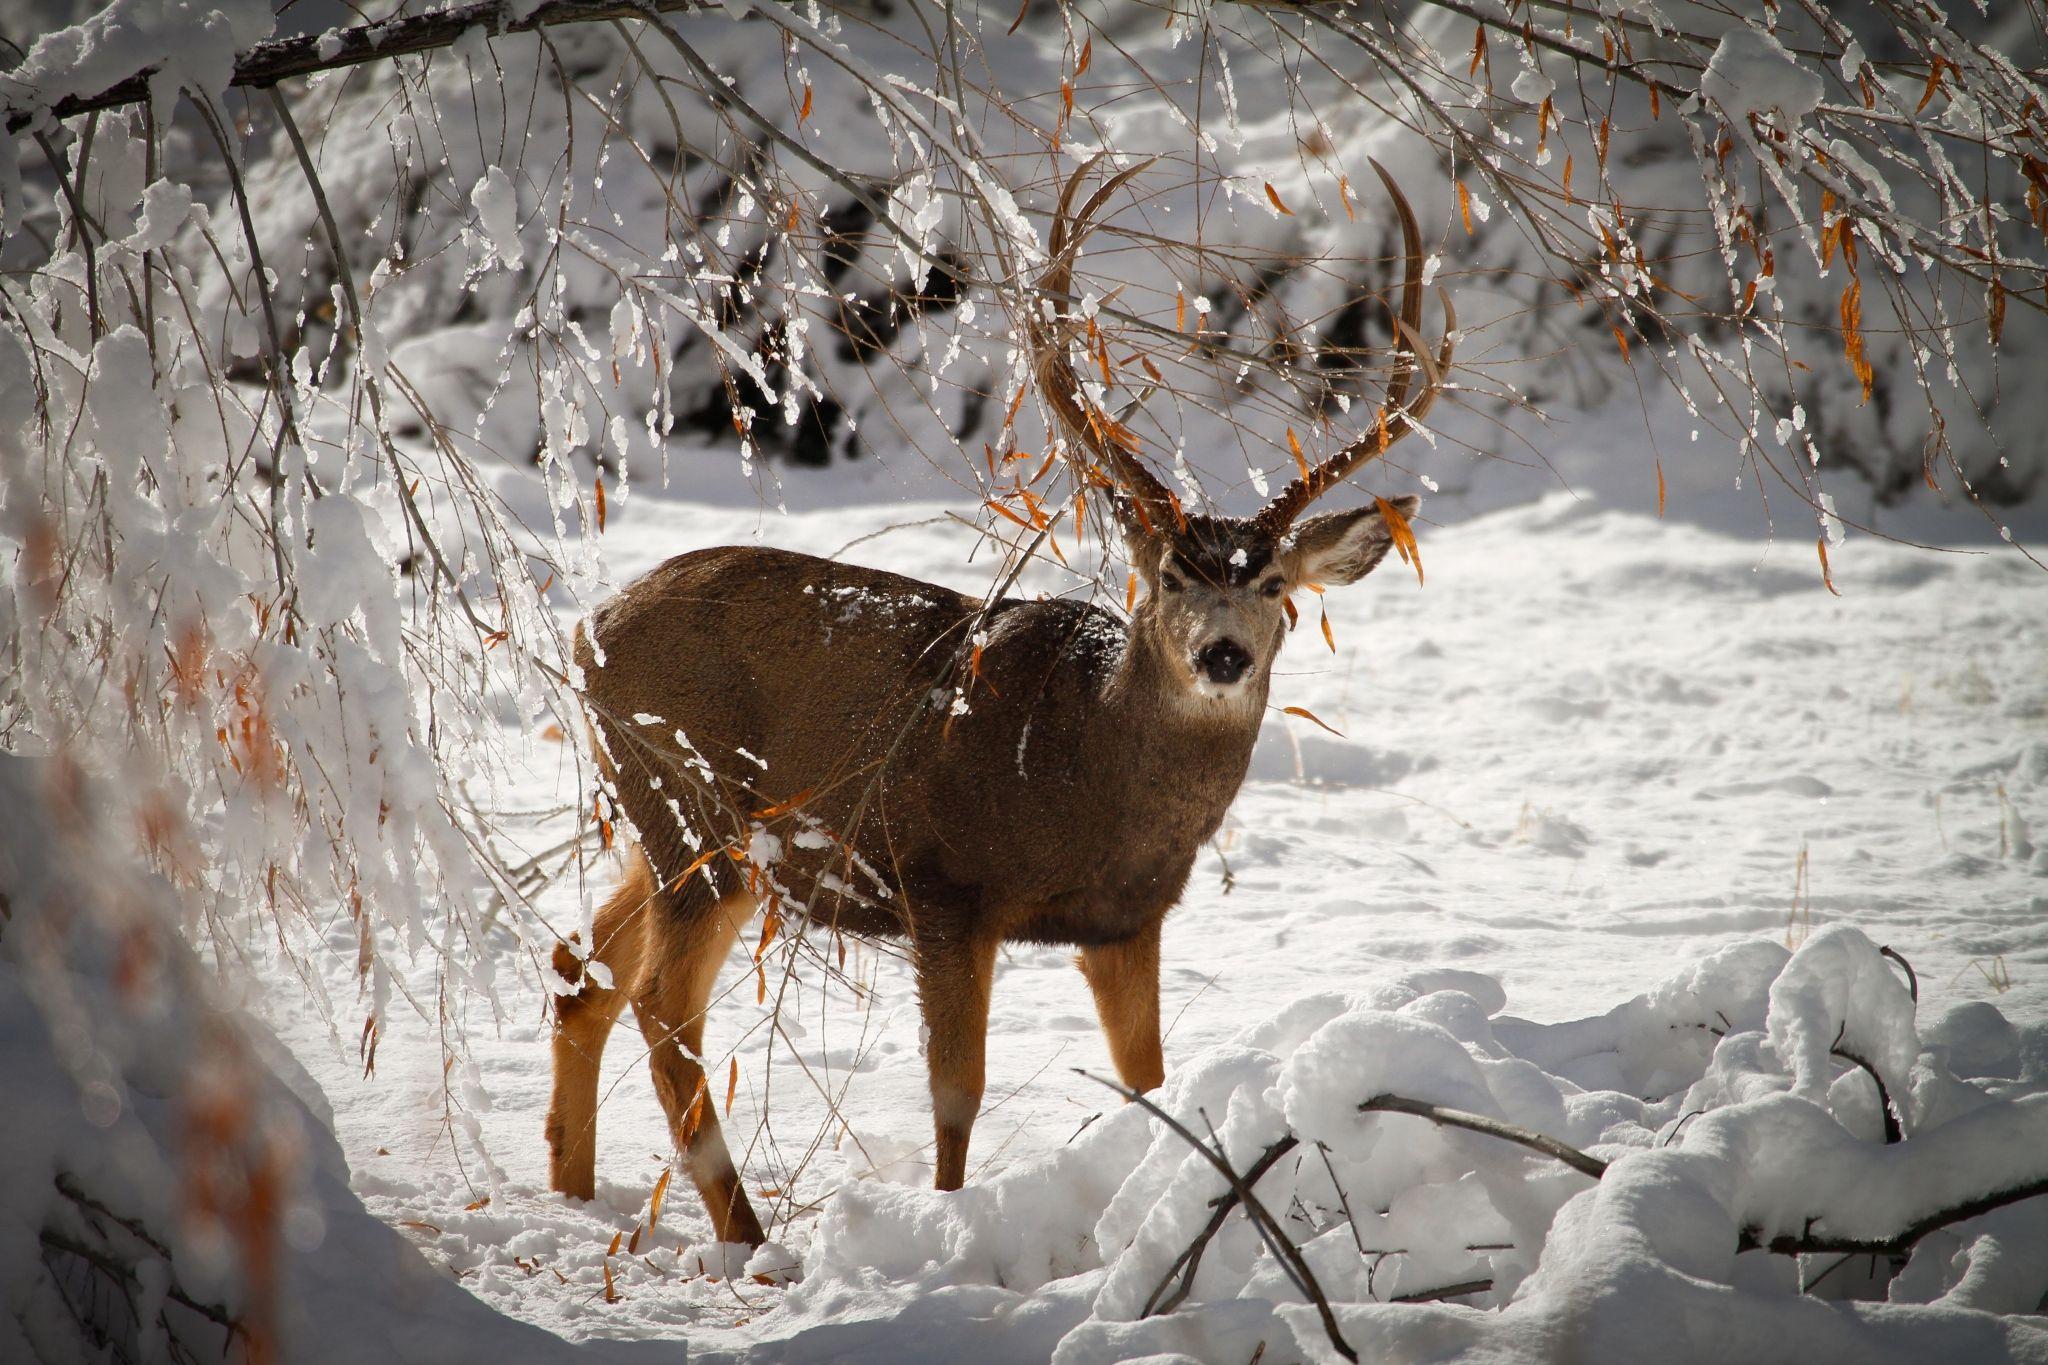 deer wallpaper full size o oshenka Pinterest